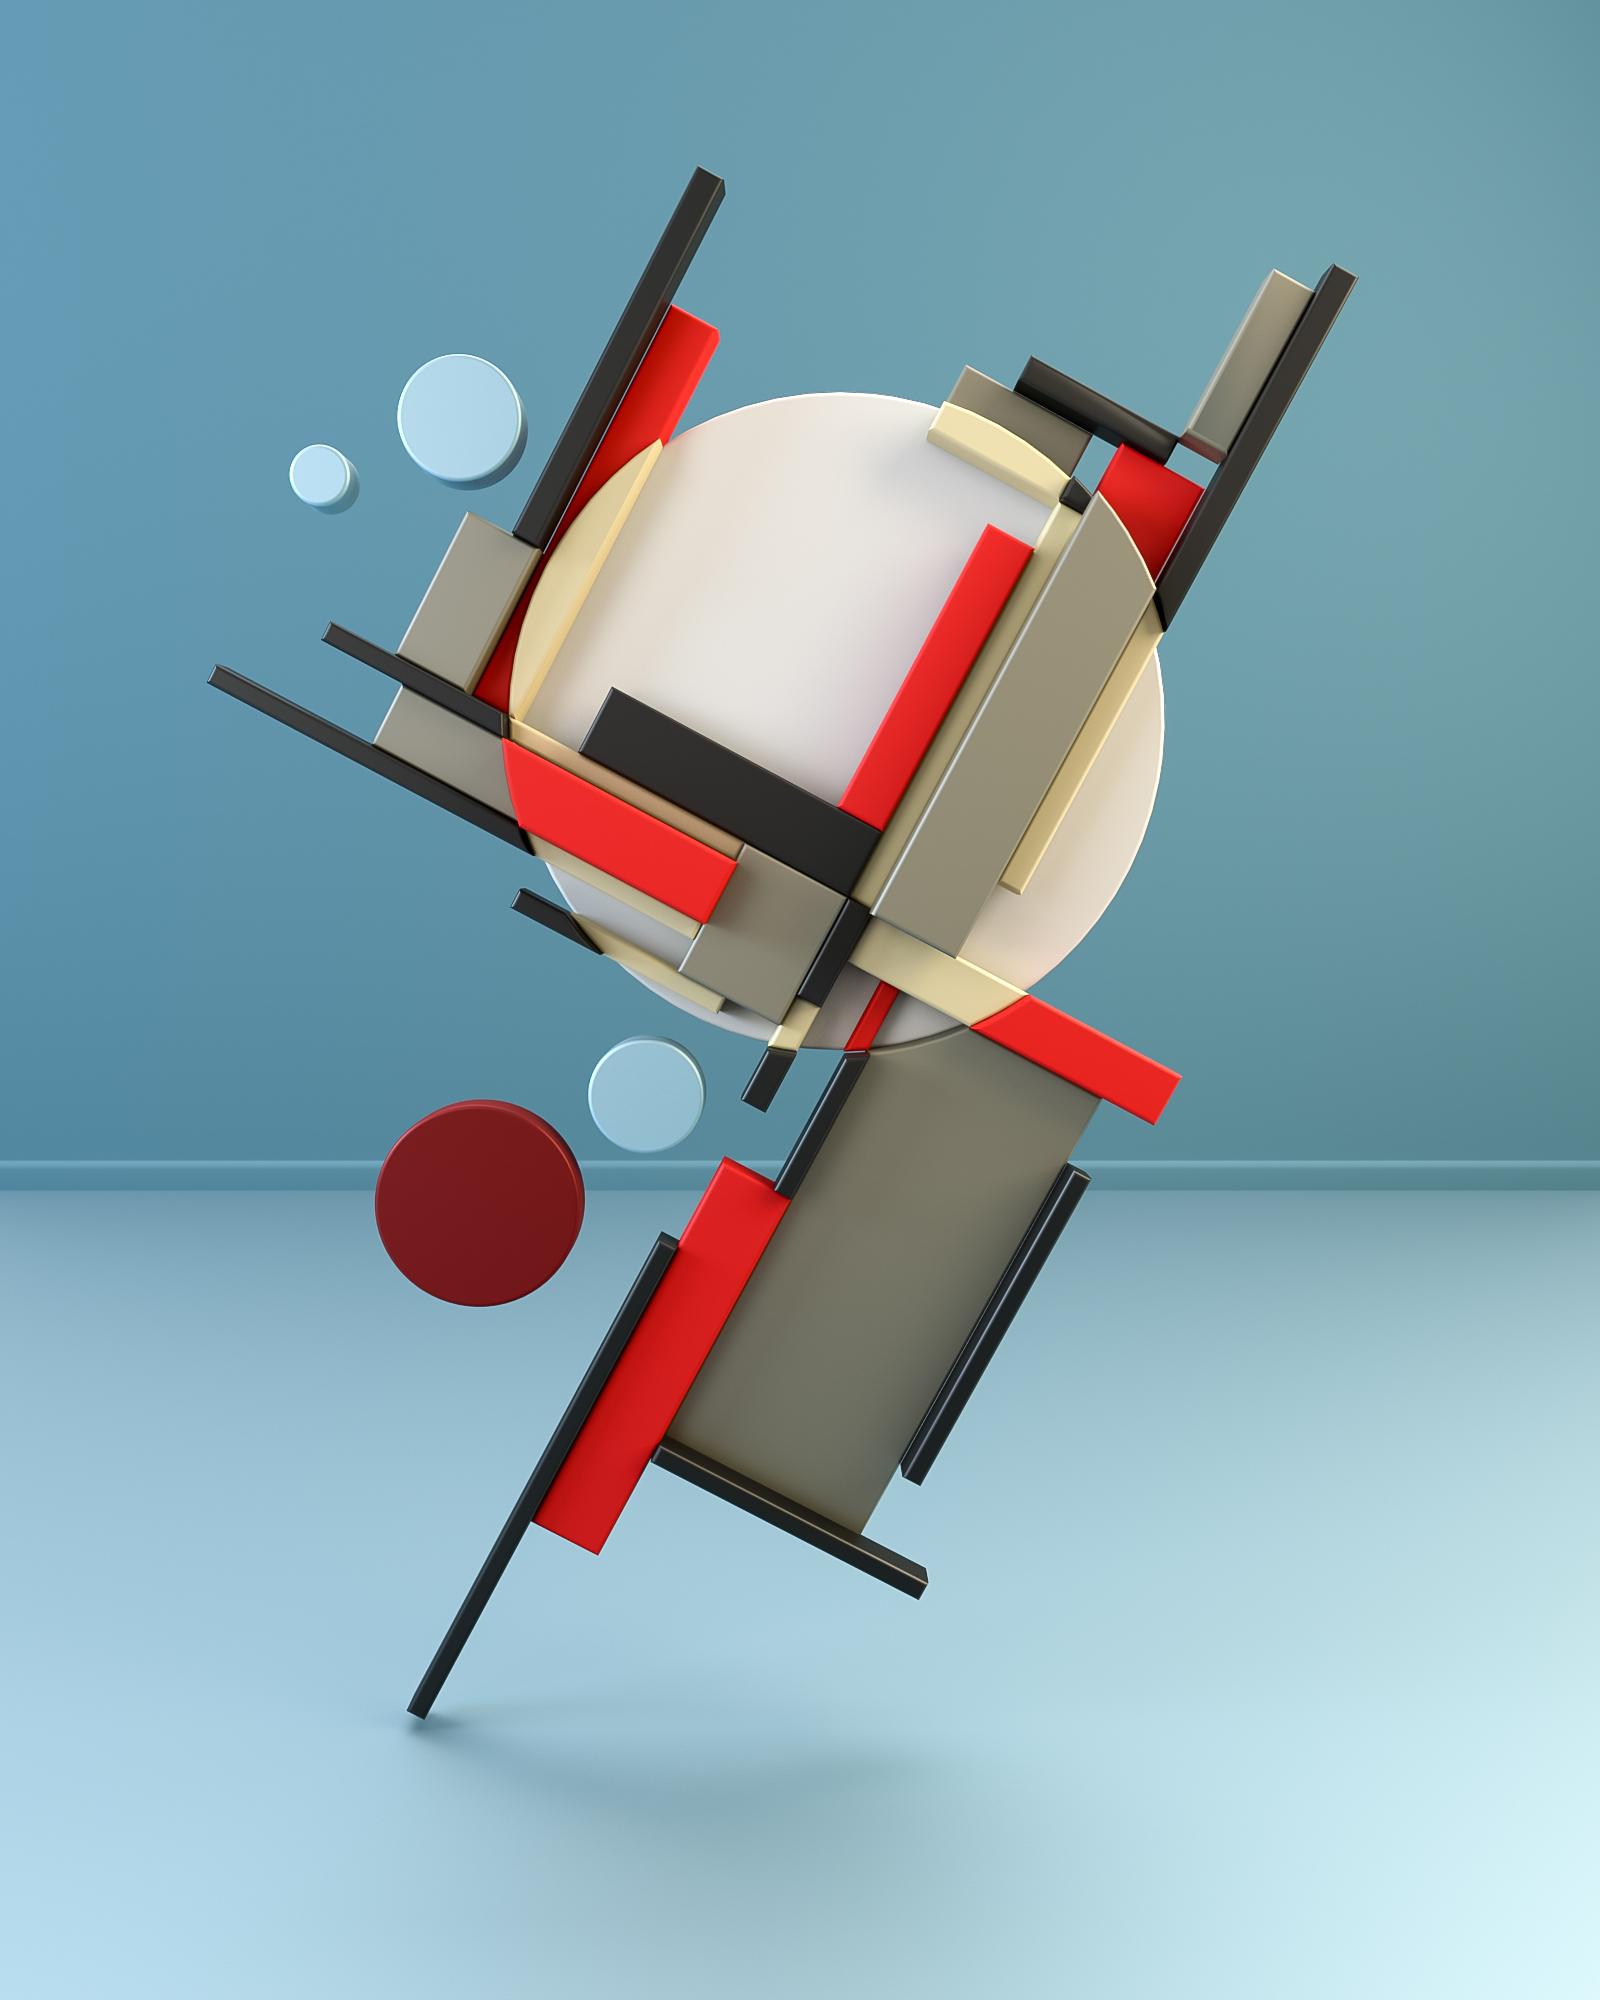 3D Rendering & Digital Art: Suprematism & Constructivism